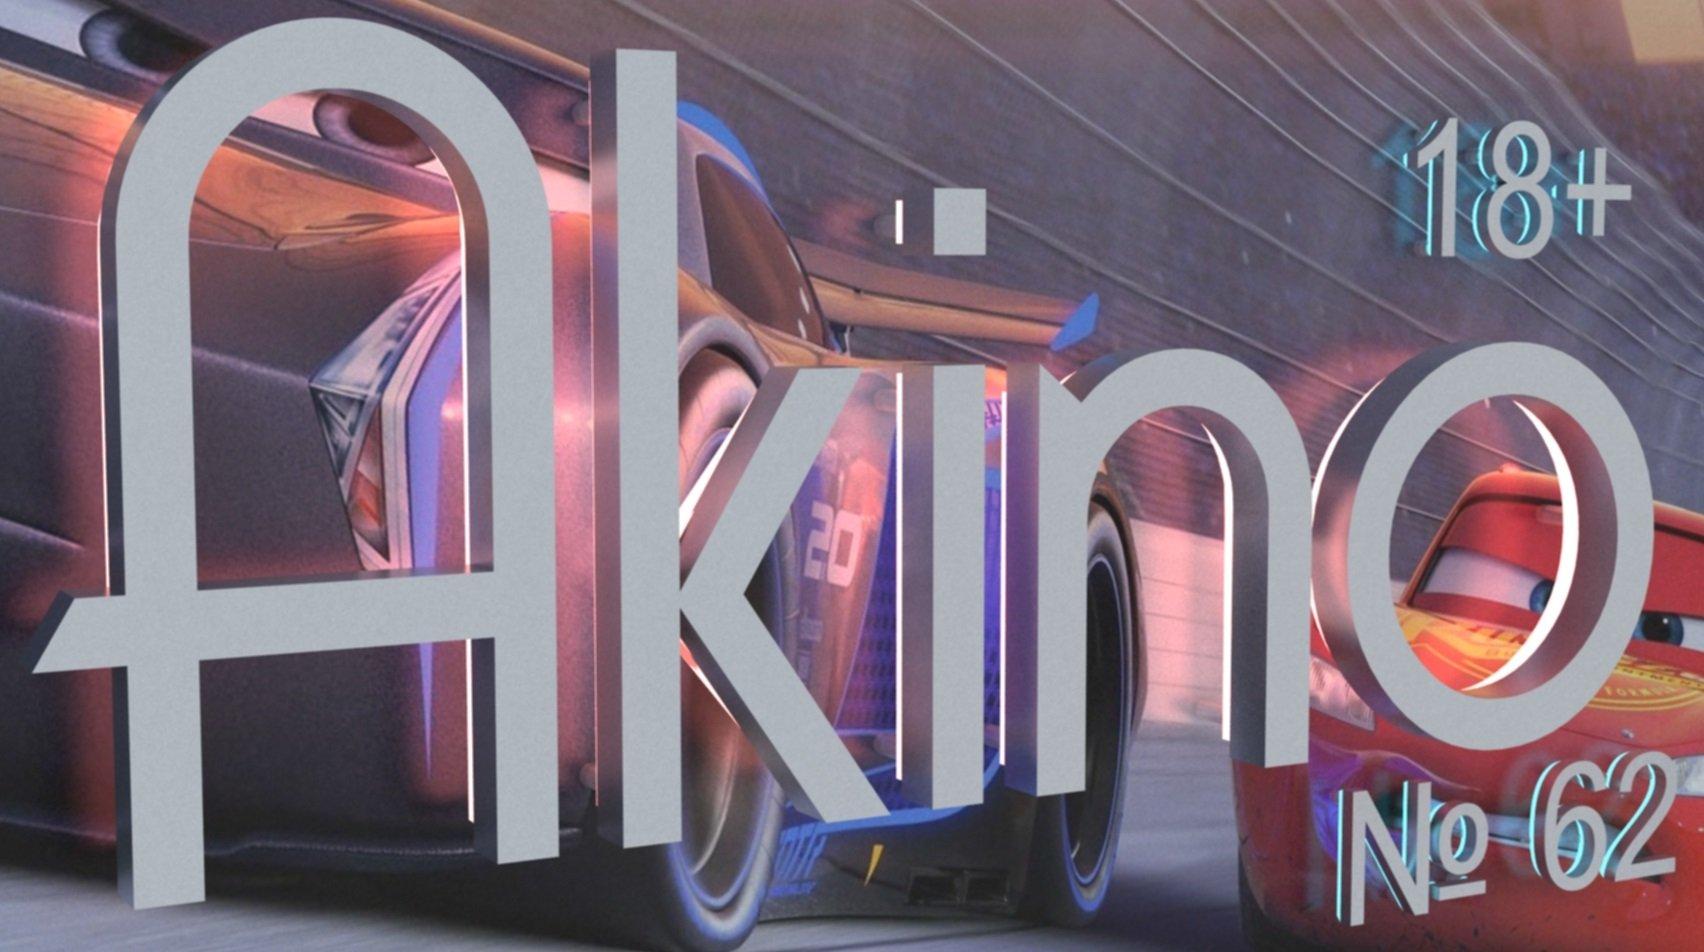 Подкаст AkiNO Выпуск № 62 (18+) - Изображение 1